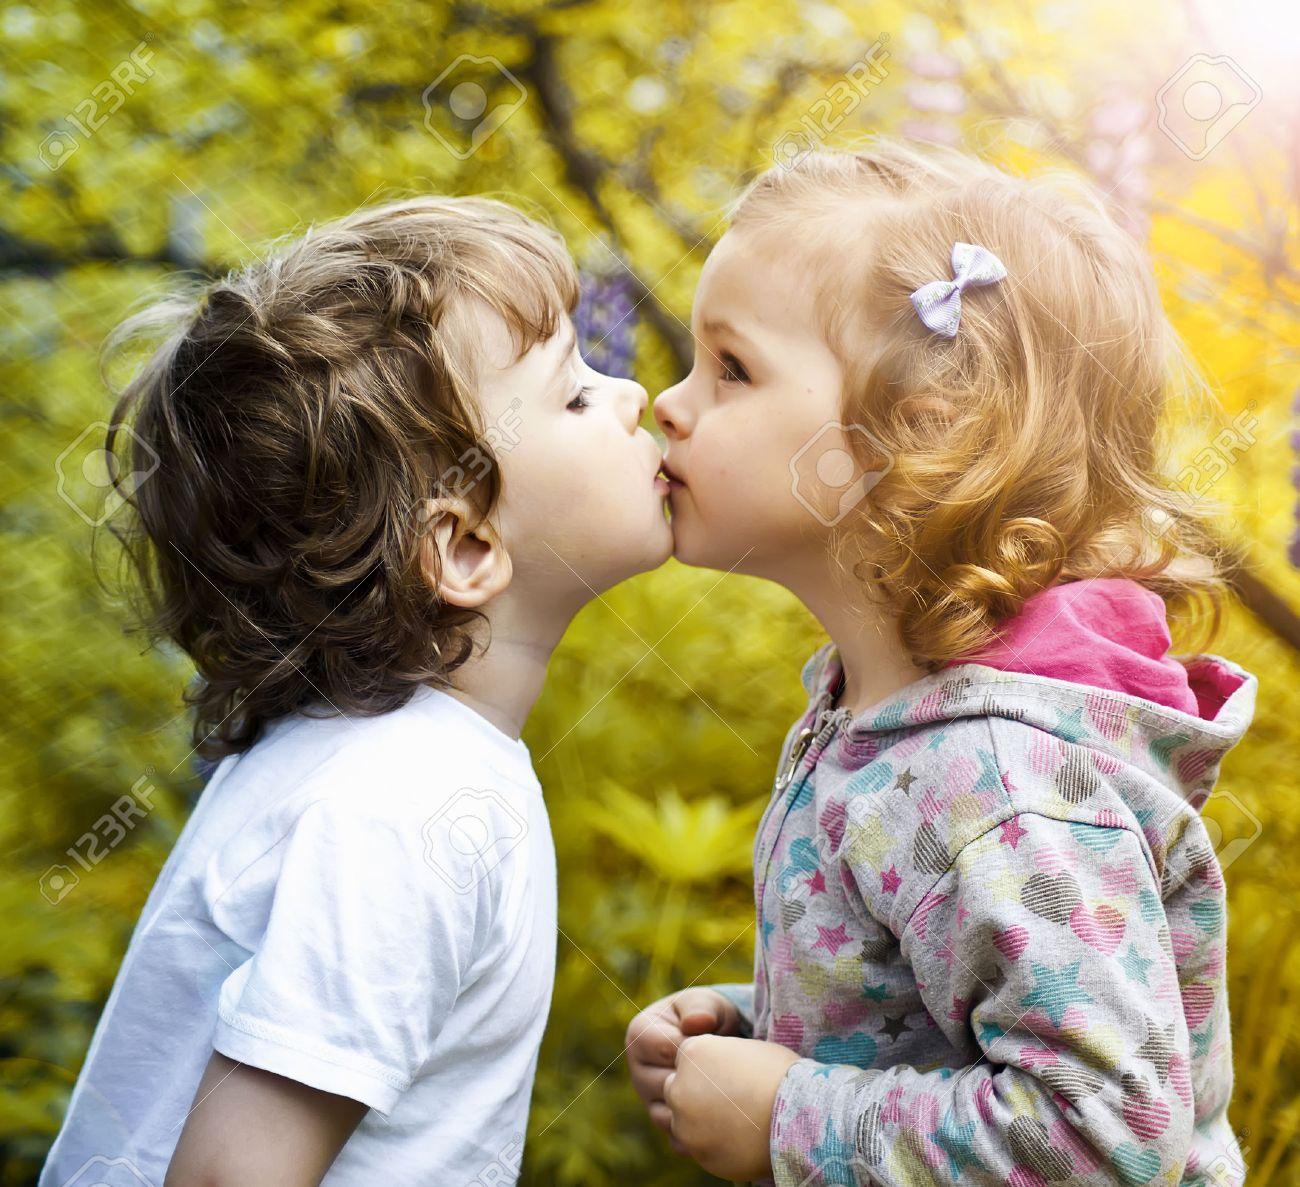 Little boy kissing a girl - 22427954